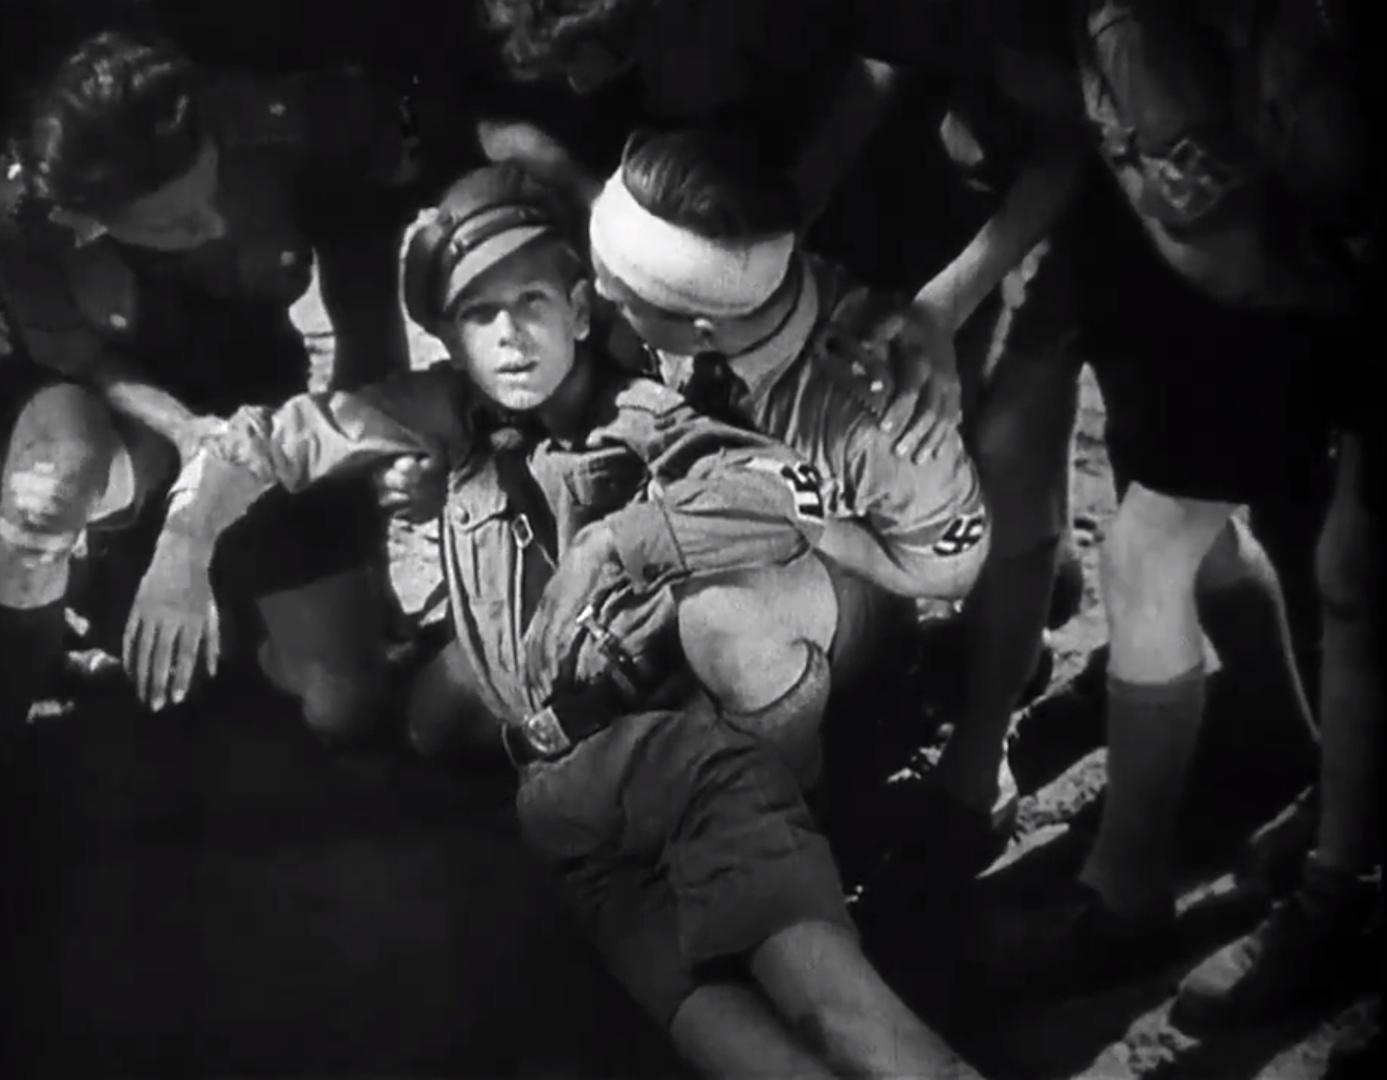 Заключительный кадр из фильма«Юный гитлеровец Квекс» (1933)